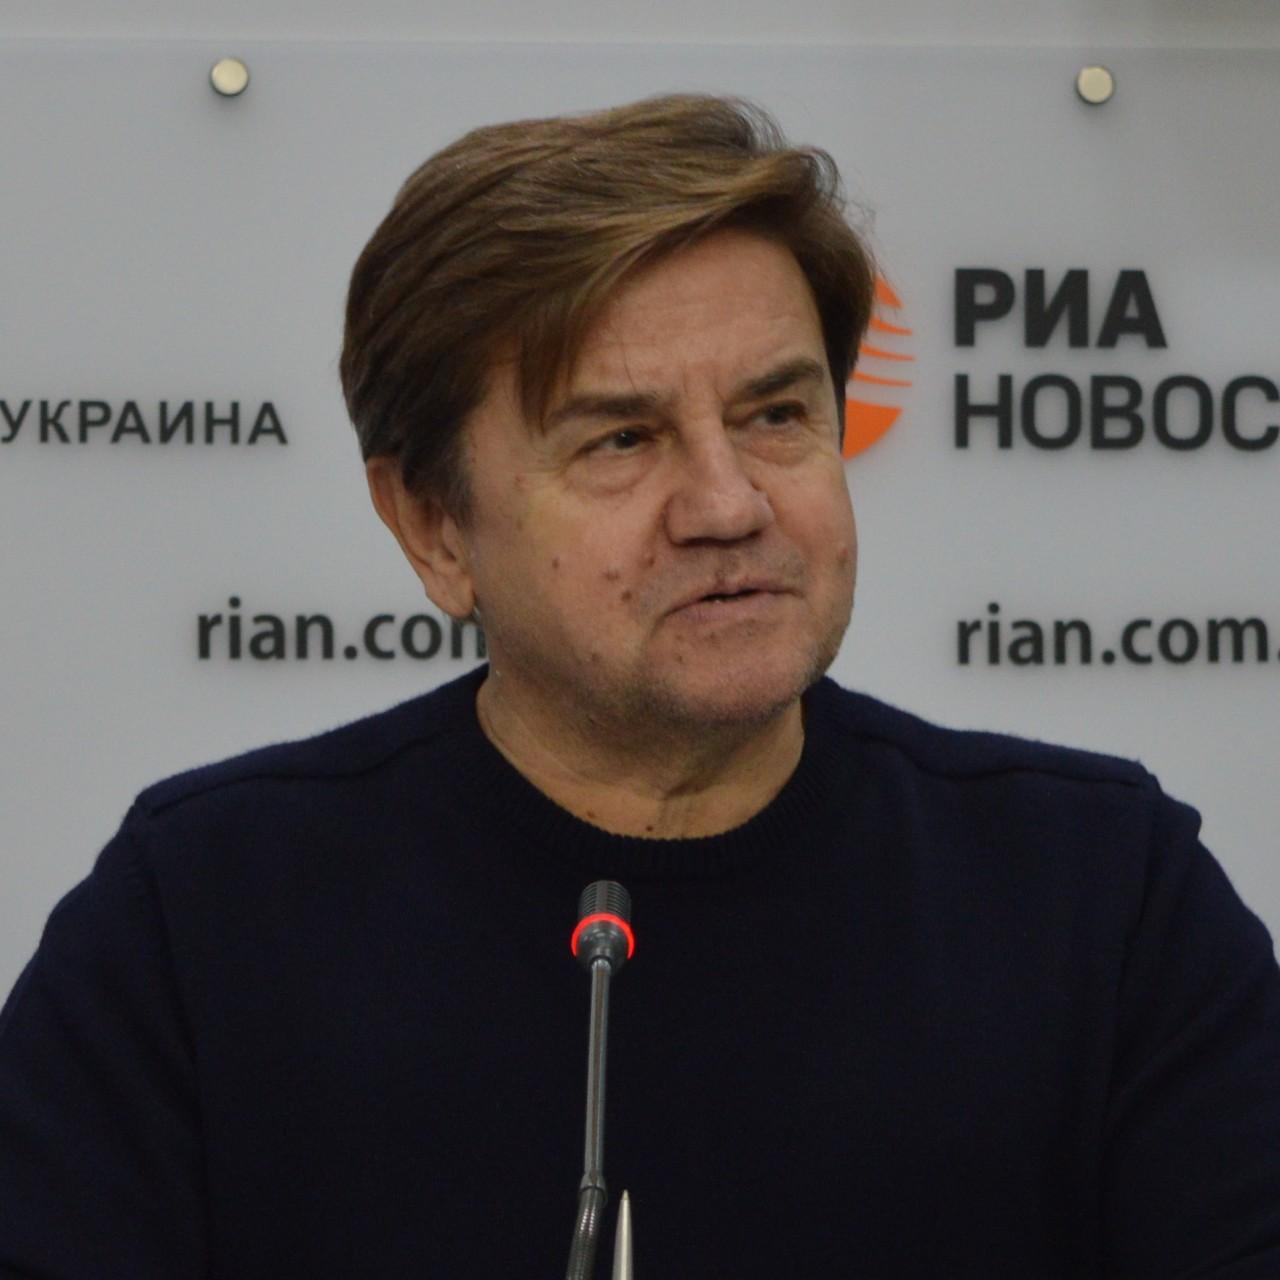 УкроСМИ ополчились на Вадима Карасева: он мишень на российском ТВ